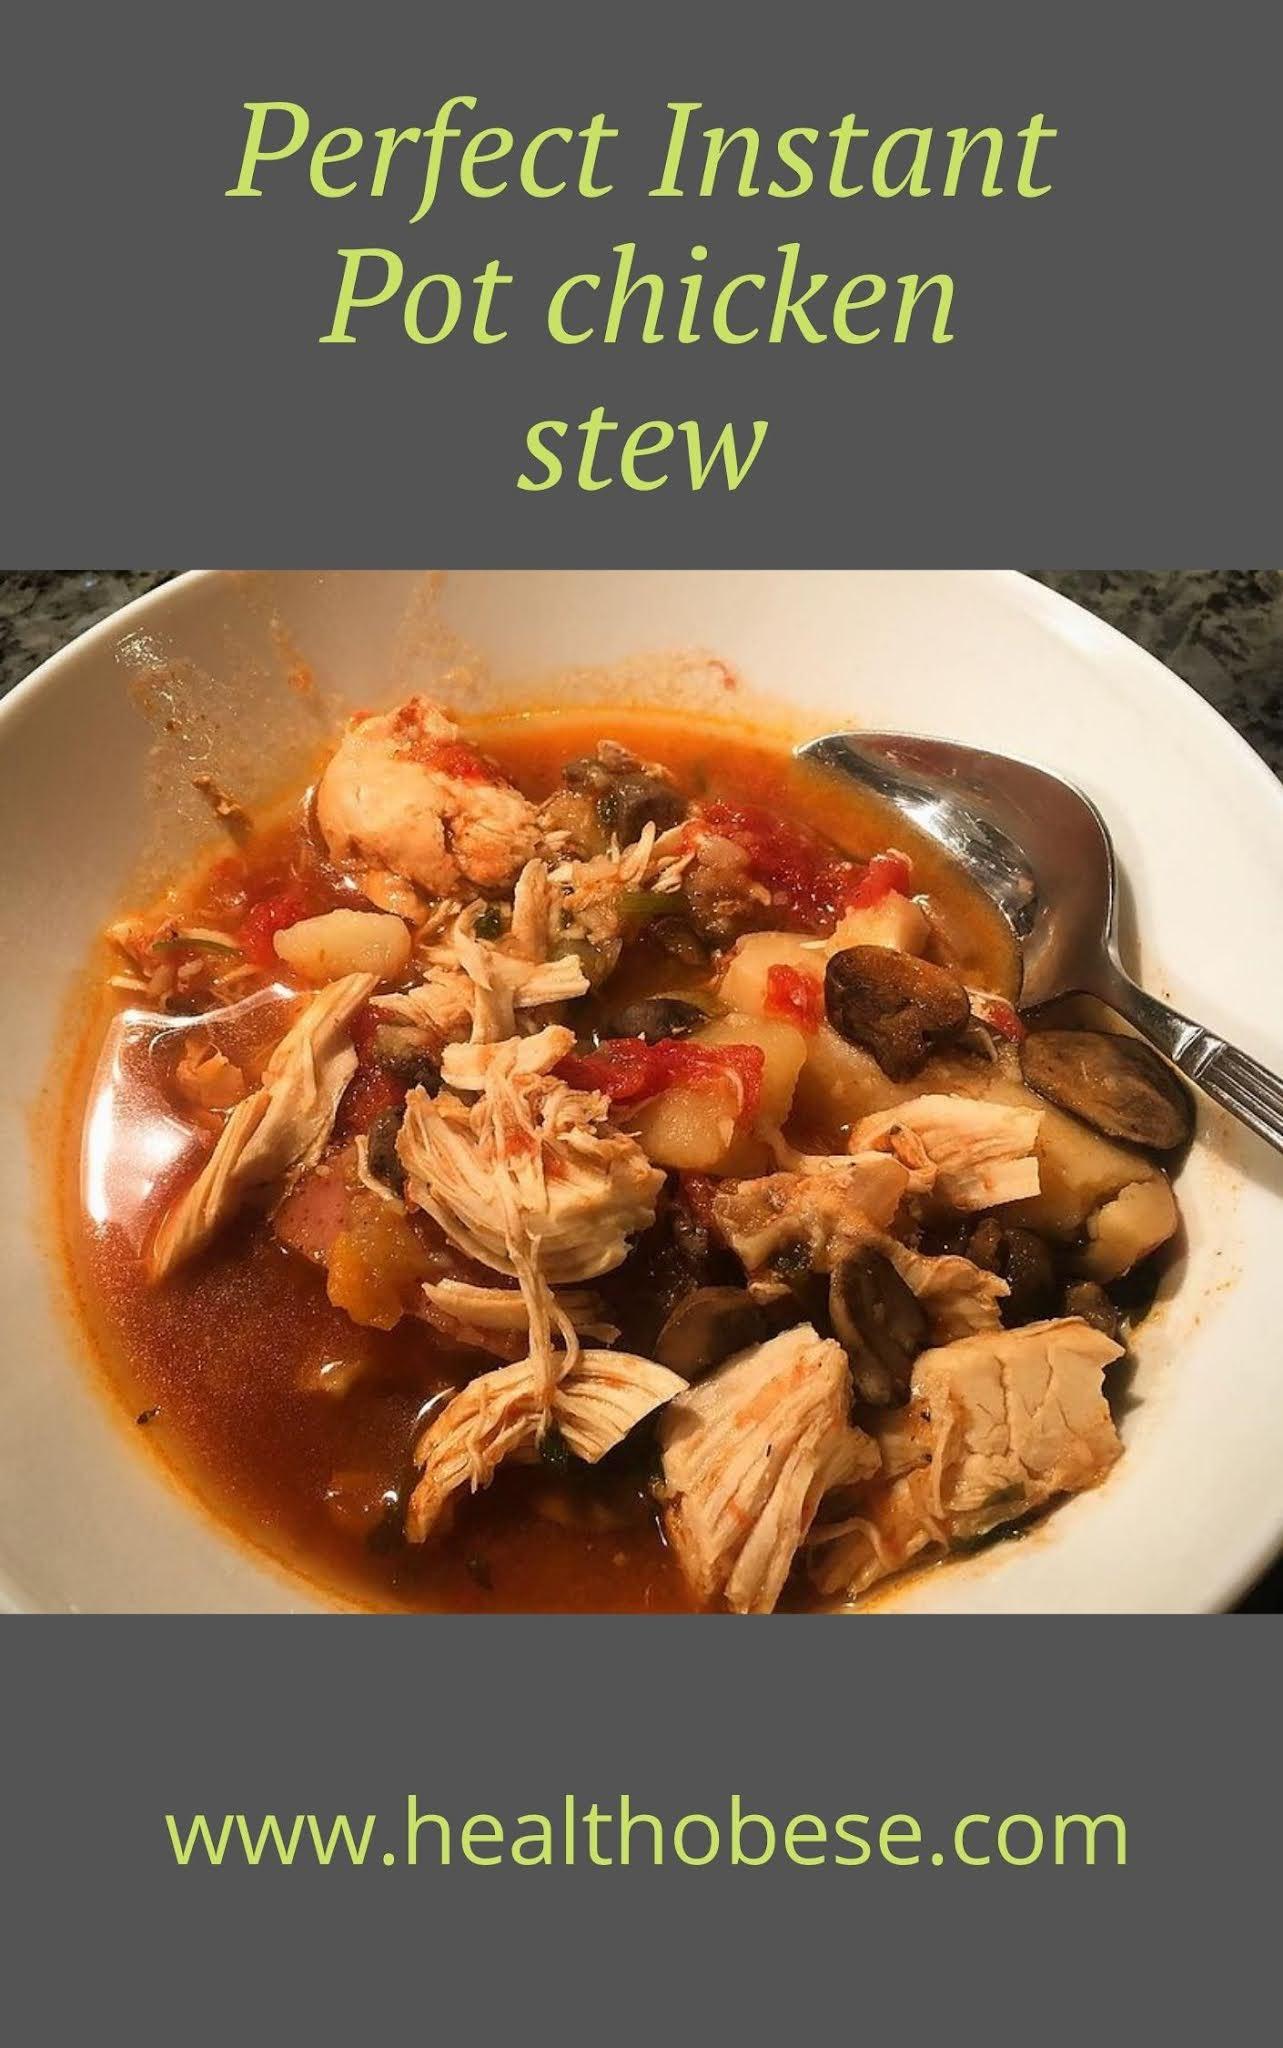 Perfect Instant Pot chicken stew